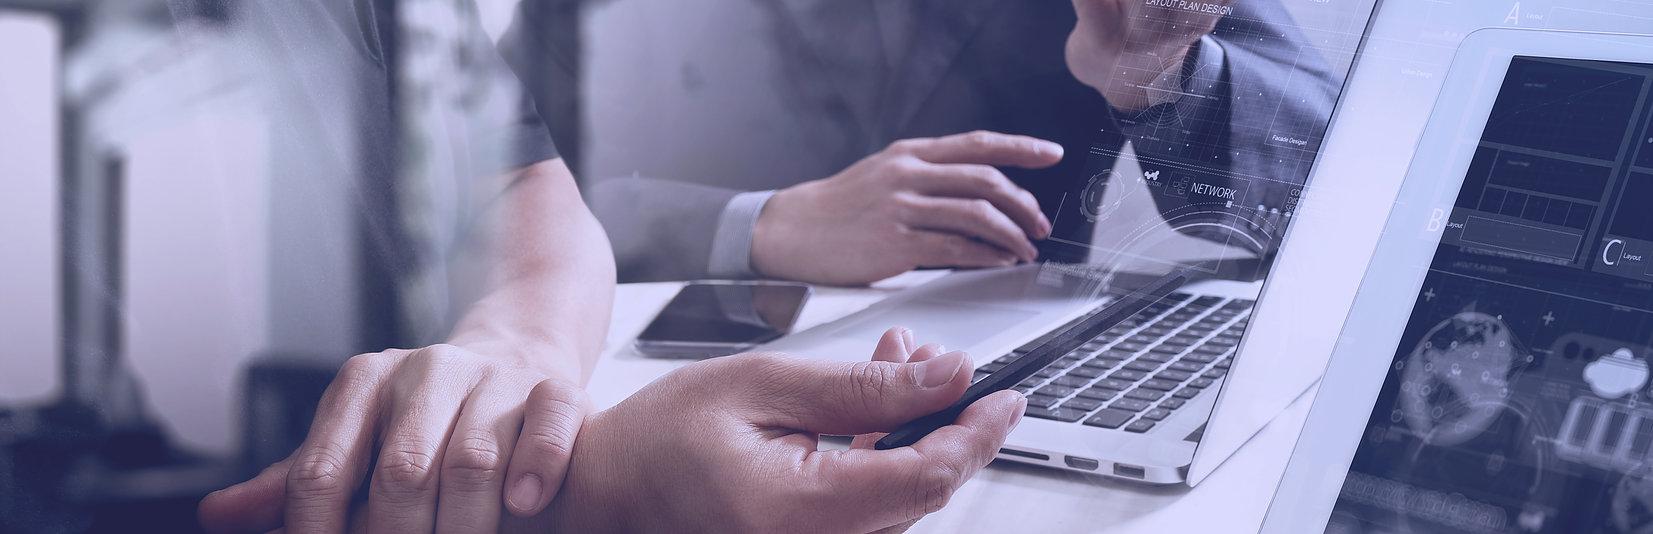 Ιστοσελίδα ραντεβού σχέδιο μάρκετινγκ